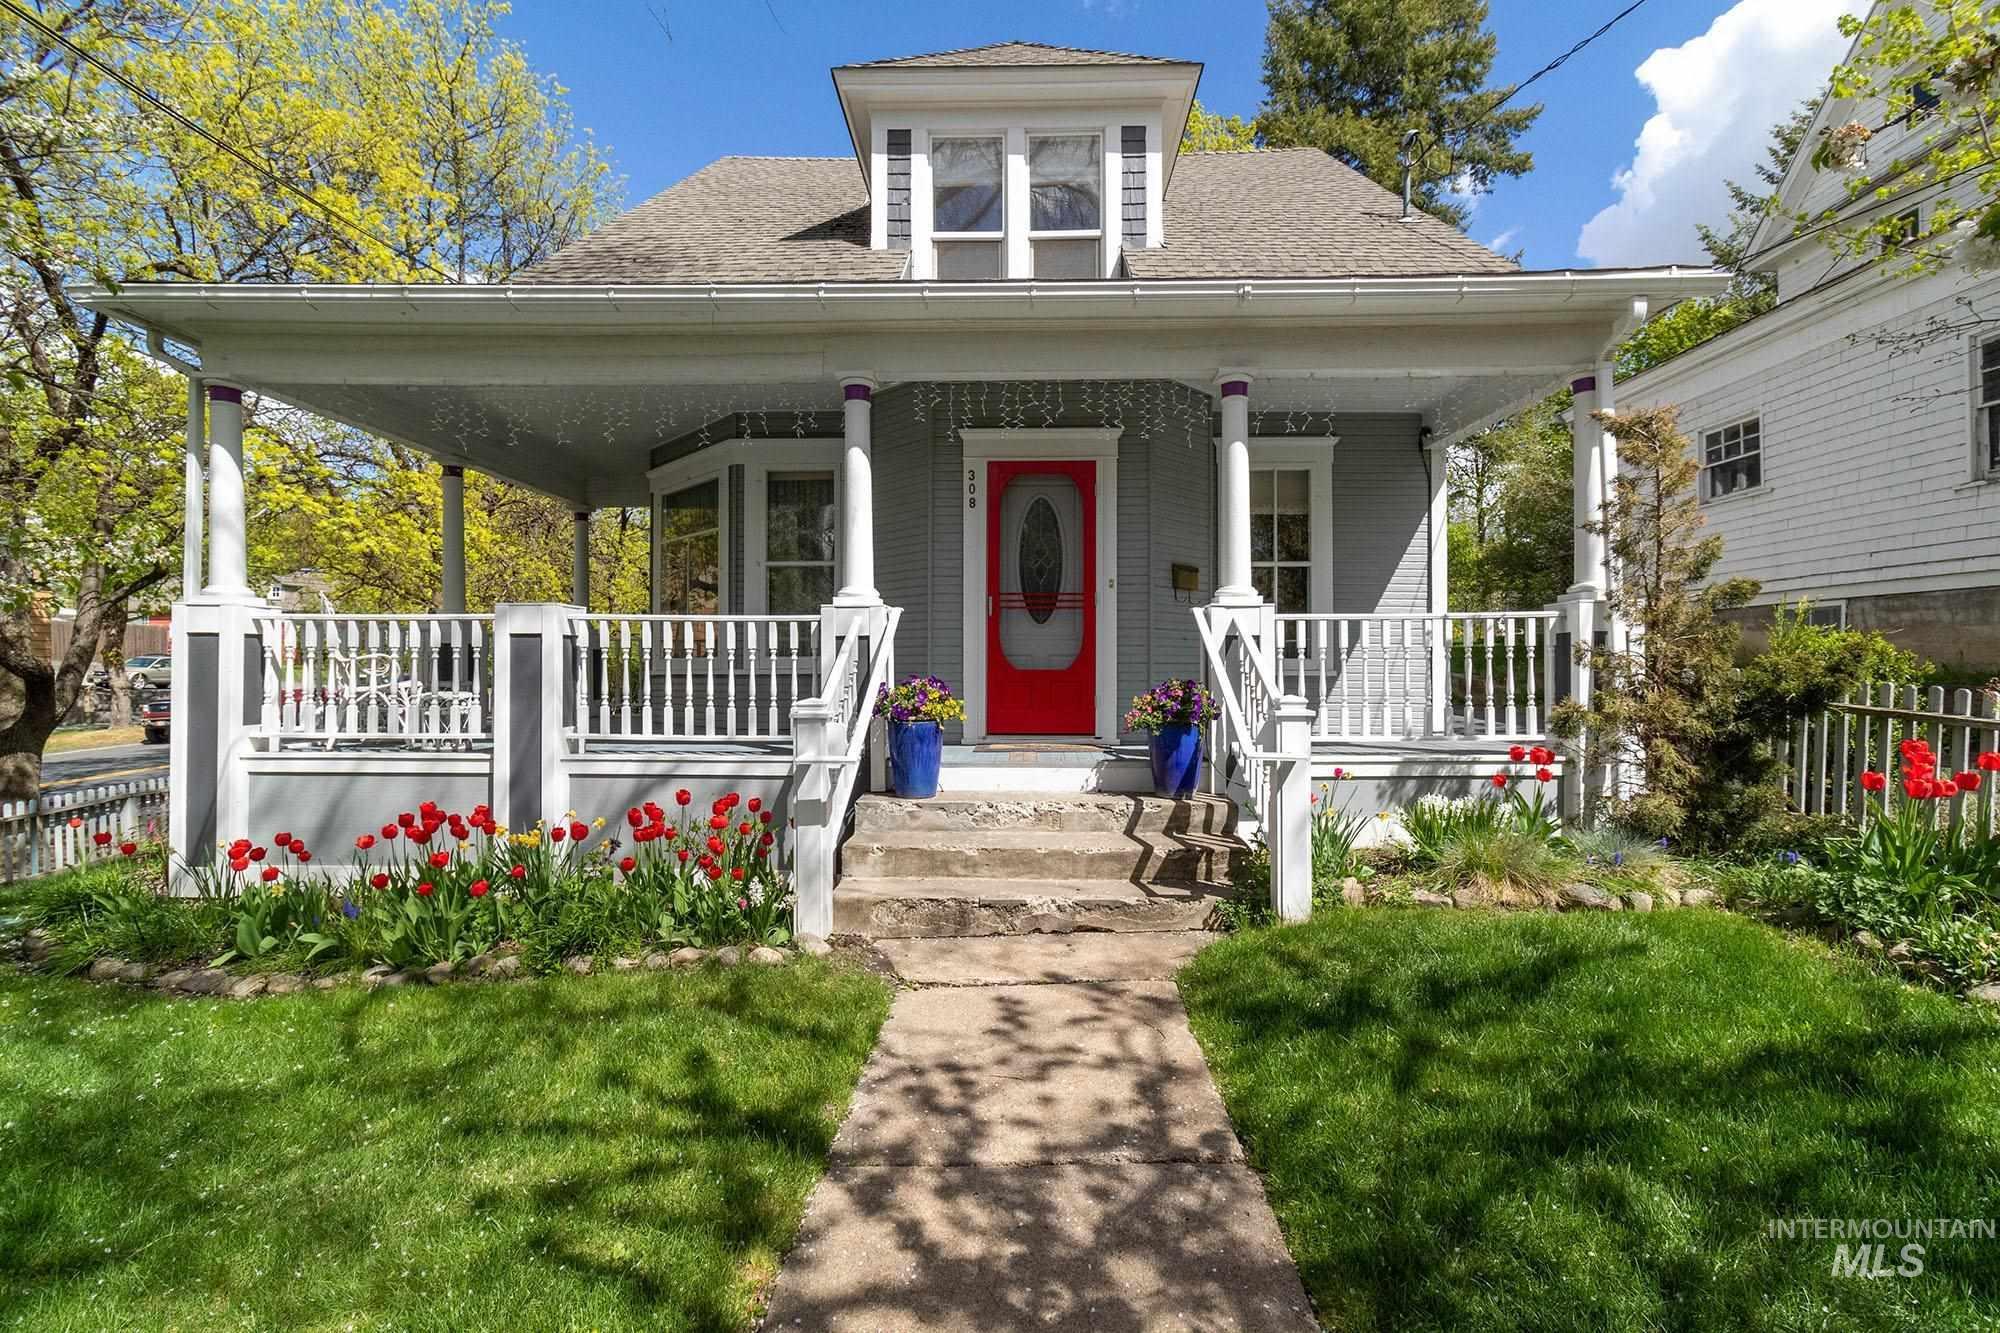 308 S Van Buren Property Photo